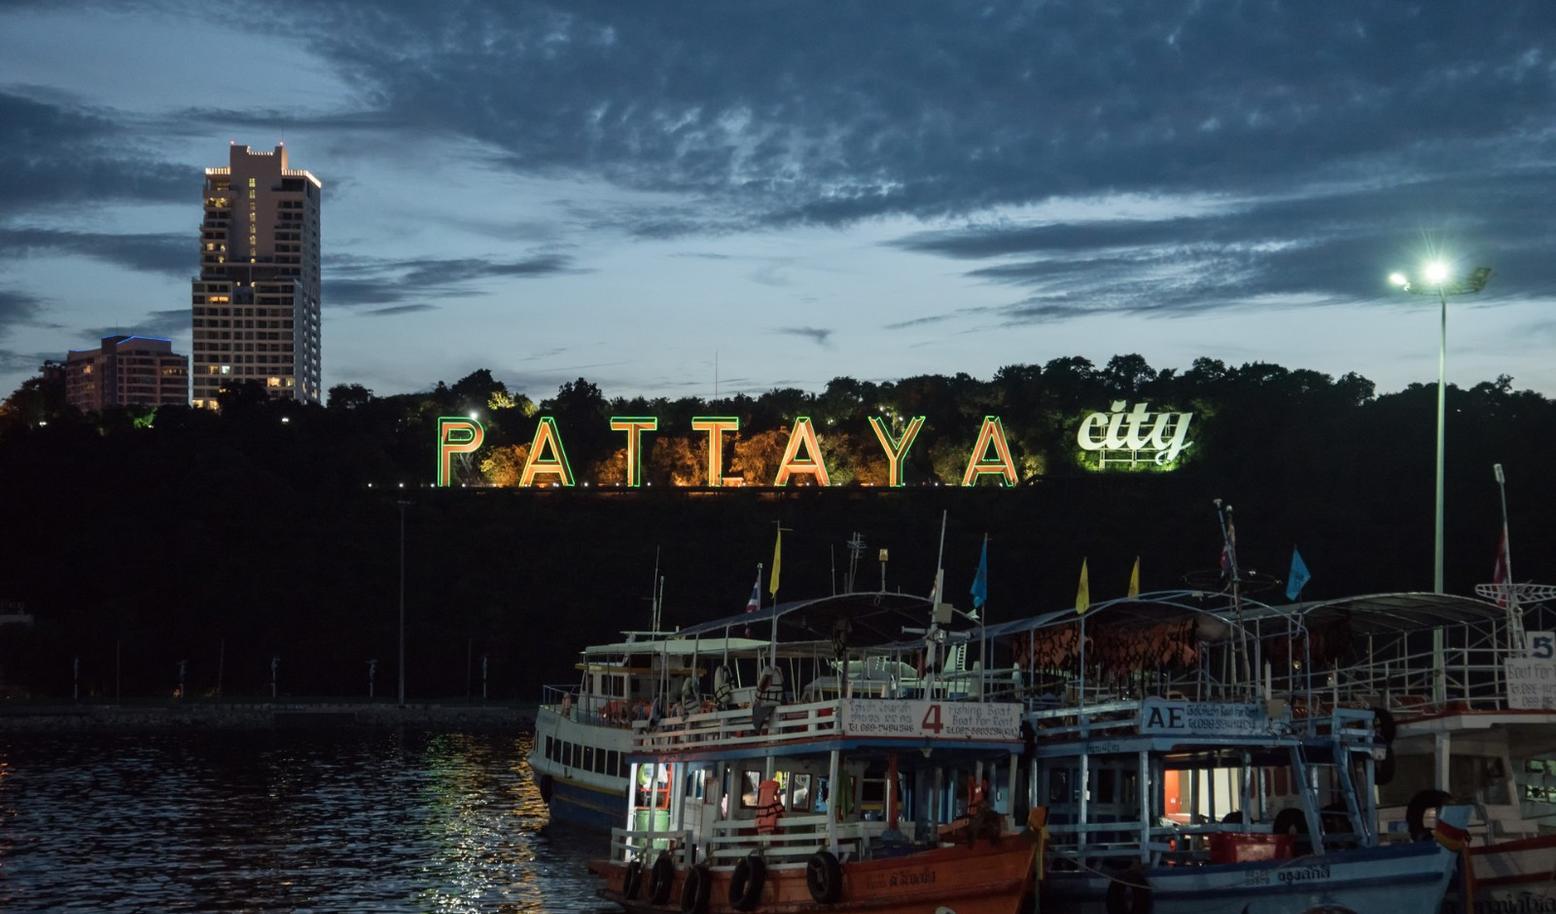 斯维登集团海外再下一城,打造泰国芭提雅度假别墅小镇